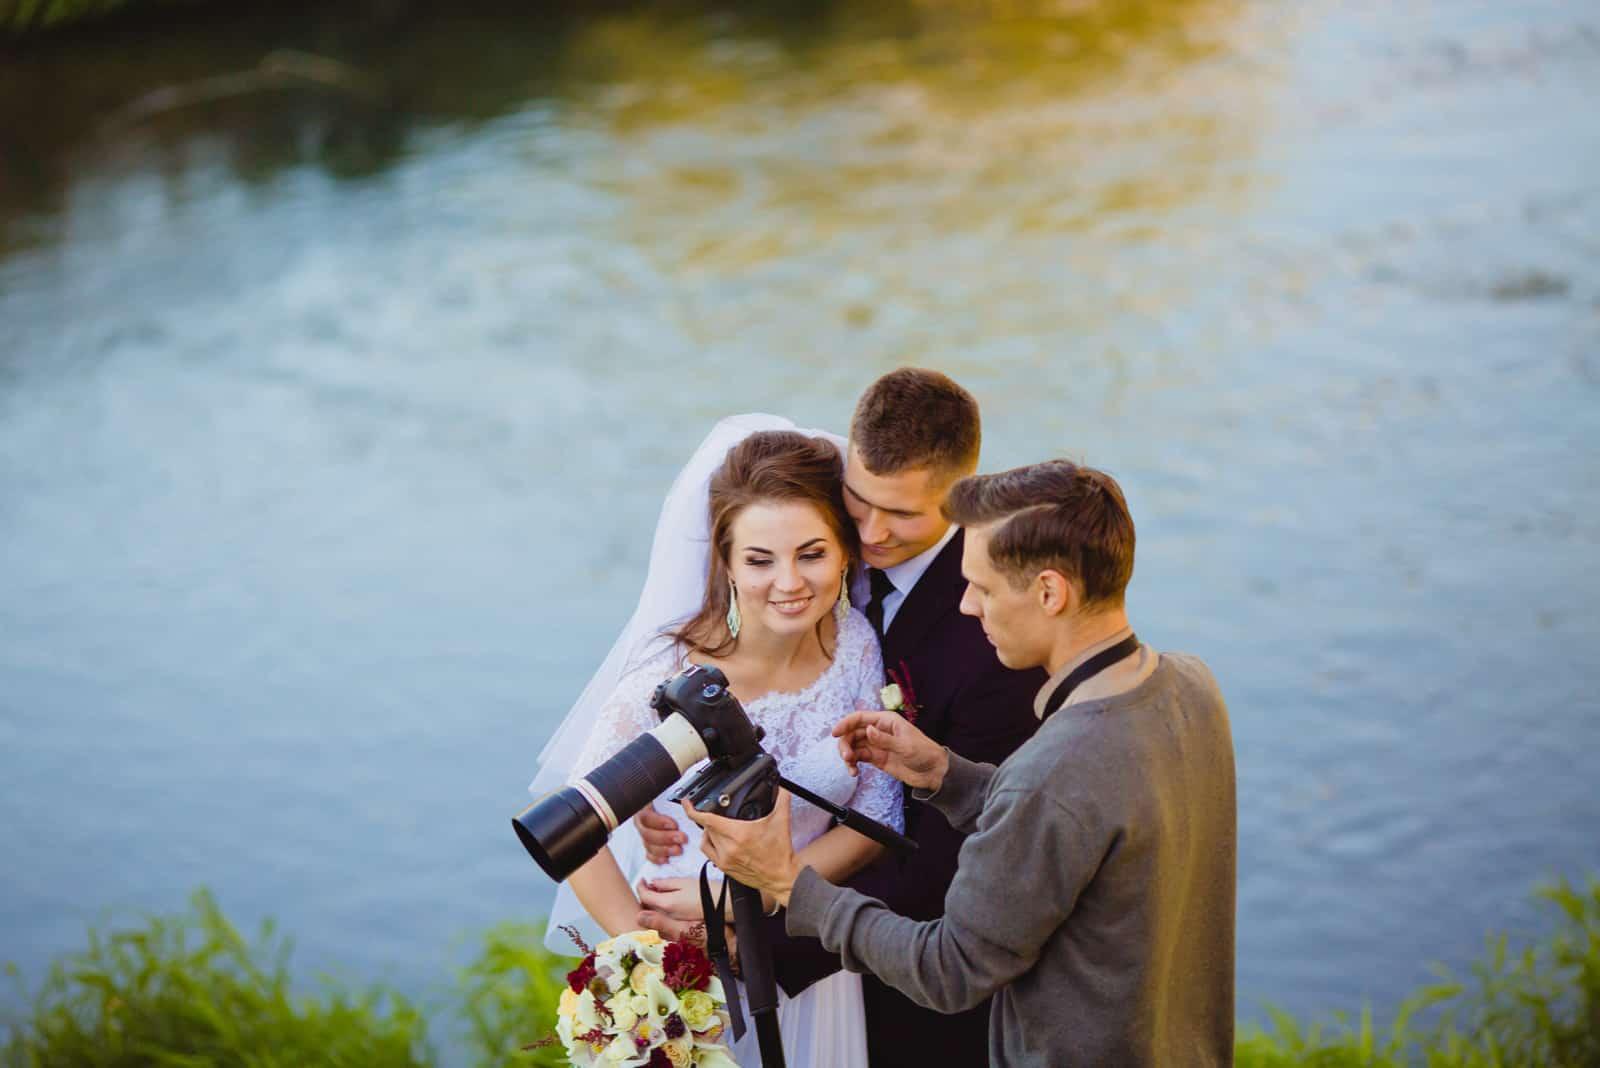 Der Fotograf zeigt das Foto dem Brautpaar